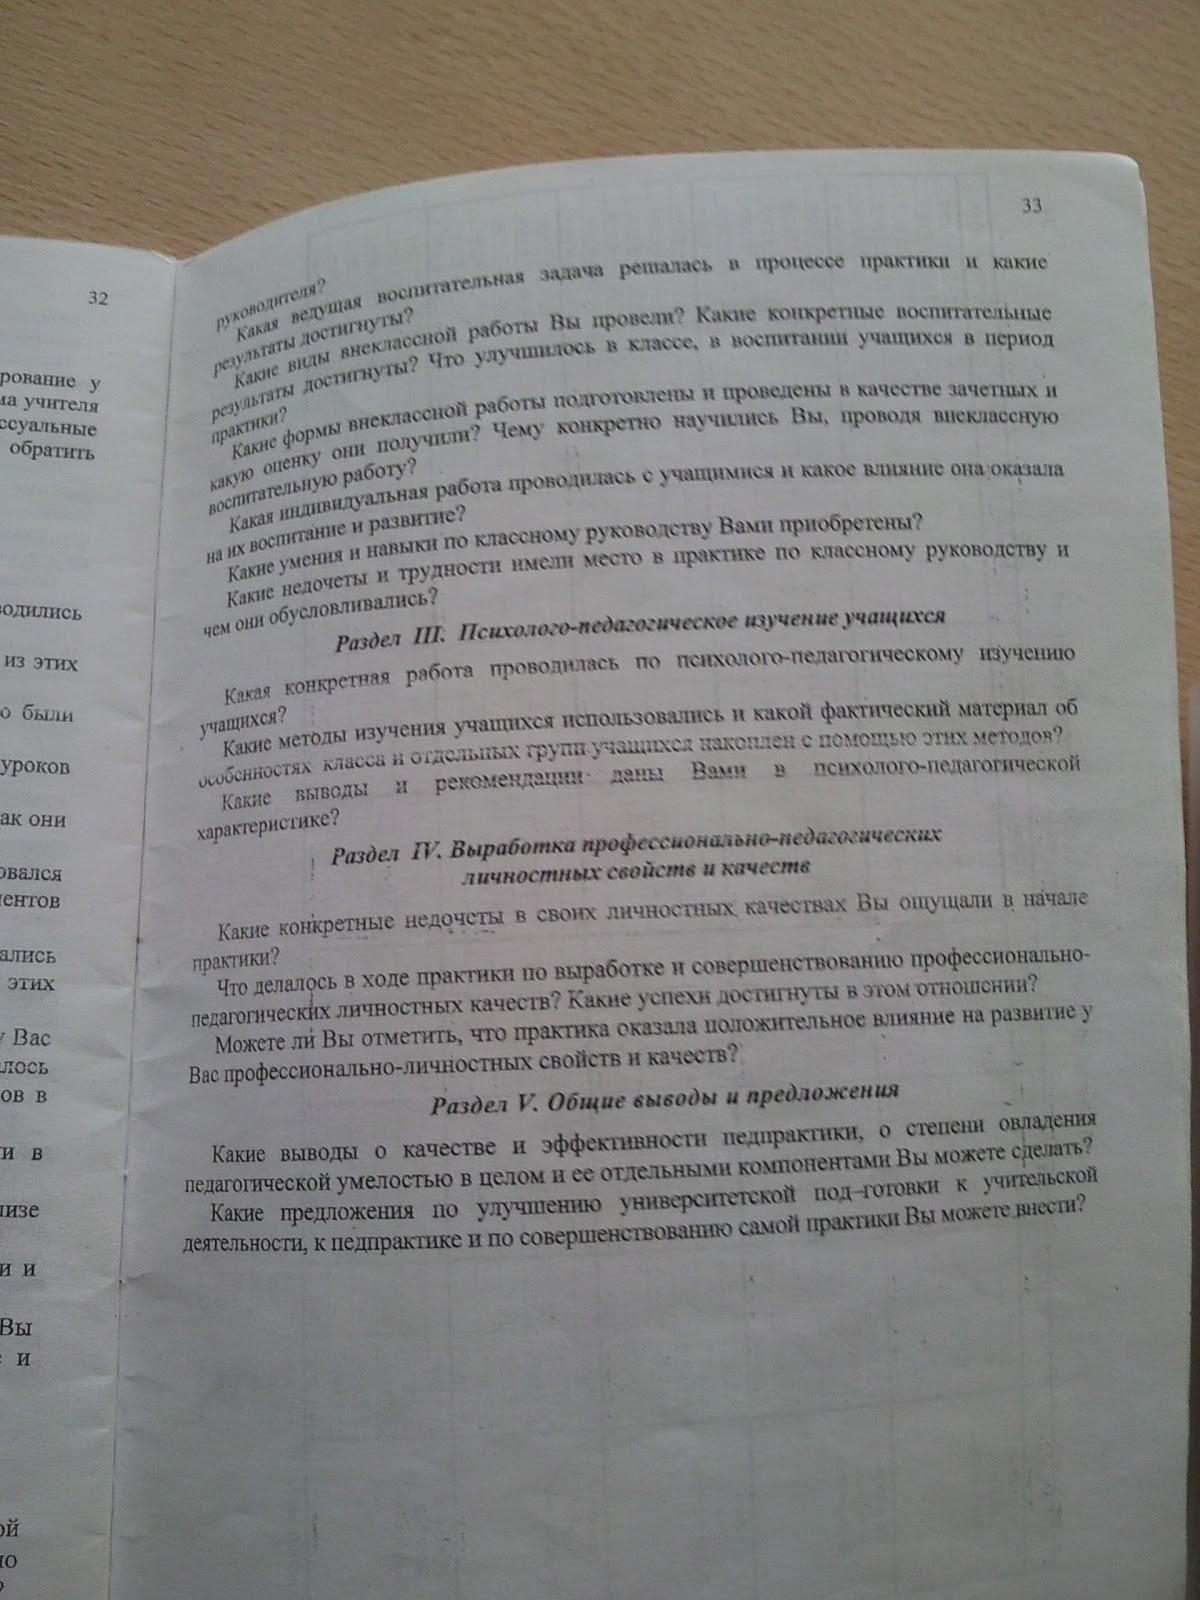 Студент и школа Отчет о педагогической практике Отчет студента практиканта Пинчук Е В о педагогической практике